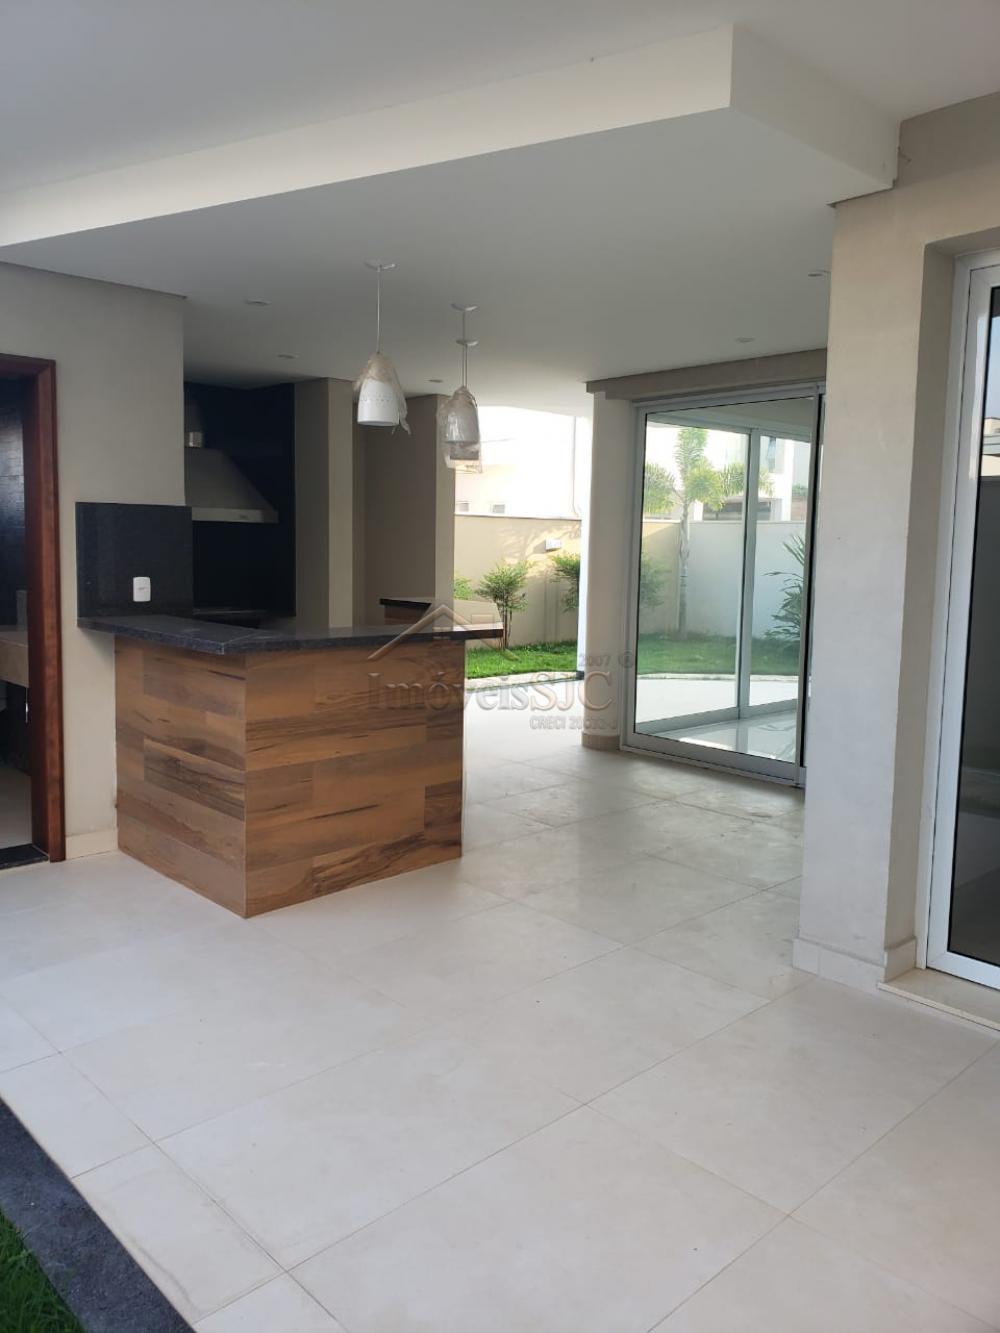 Comprar Casas / Condomínio em São José dos Campos apenas R$ 2.200.000,00 - Foto 26